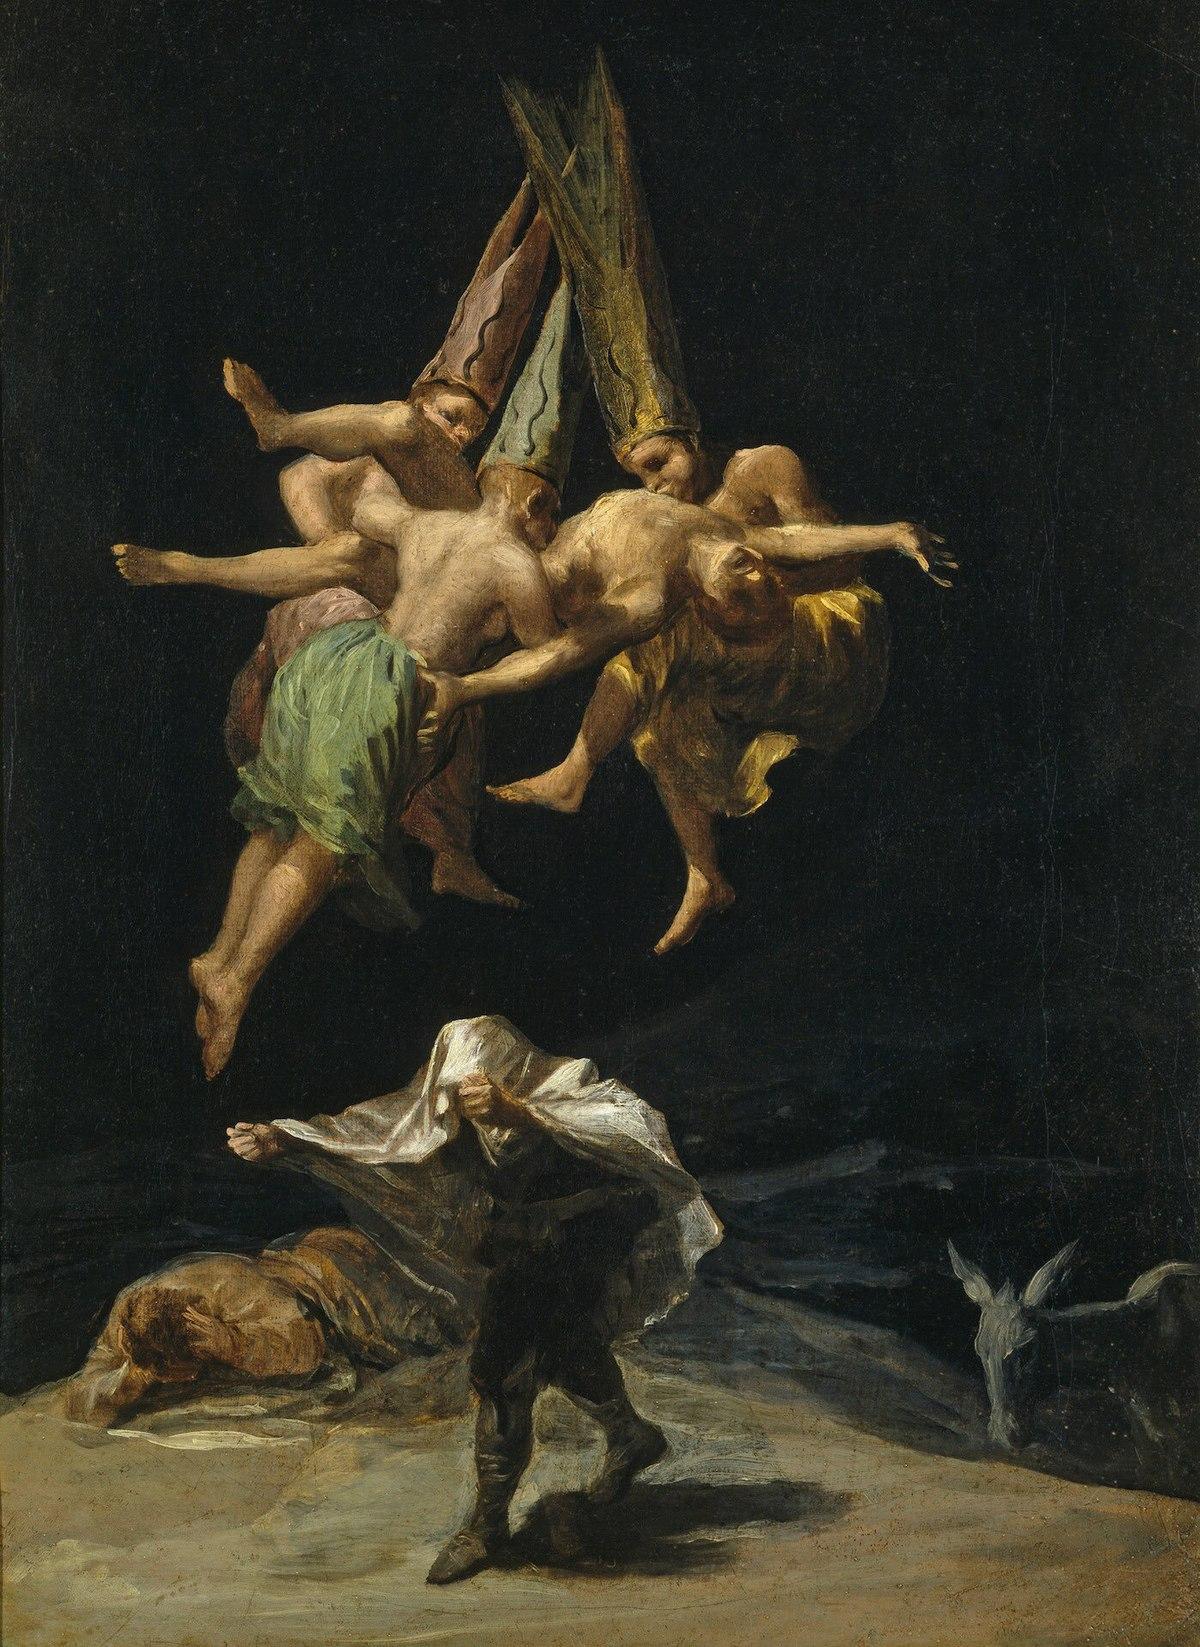 Vuelo de brujas, Francisco de Goya, 1797-98. Narrativas sobre brujas: de la misoginia al reconocimiento. Por Lía Guerrero. Aliar Ediciones.